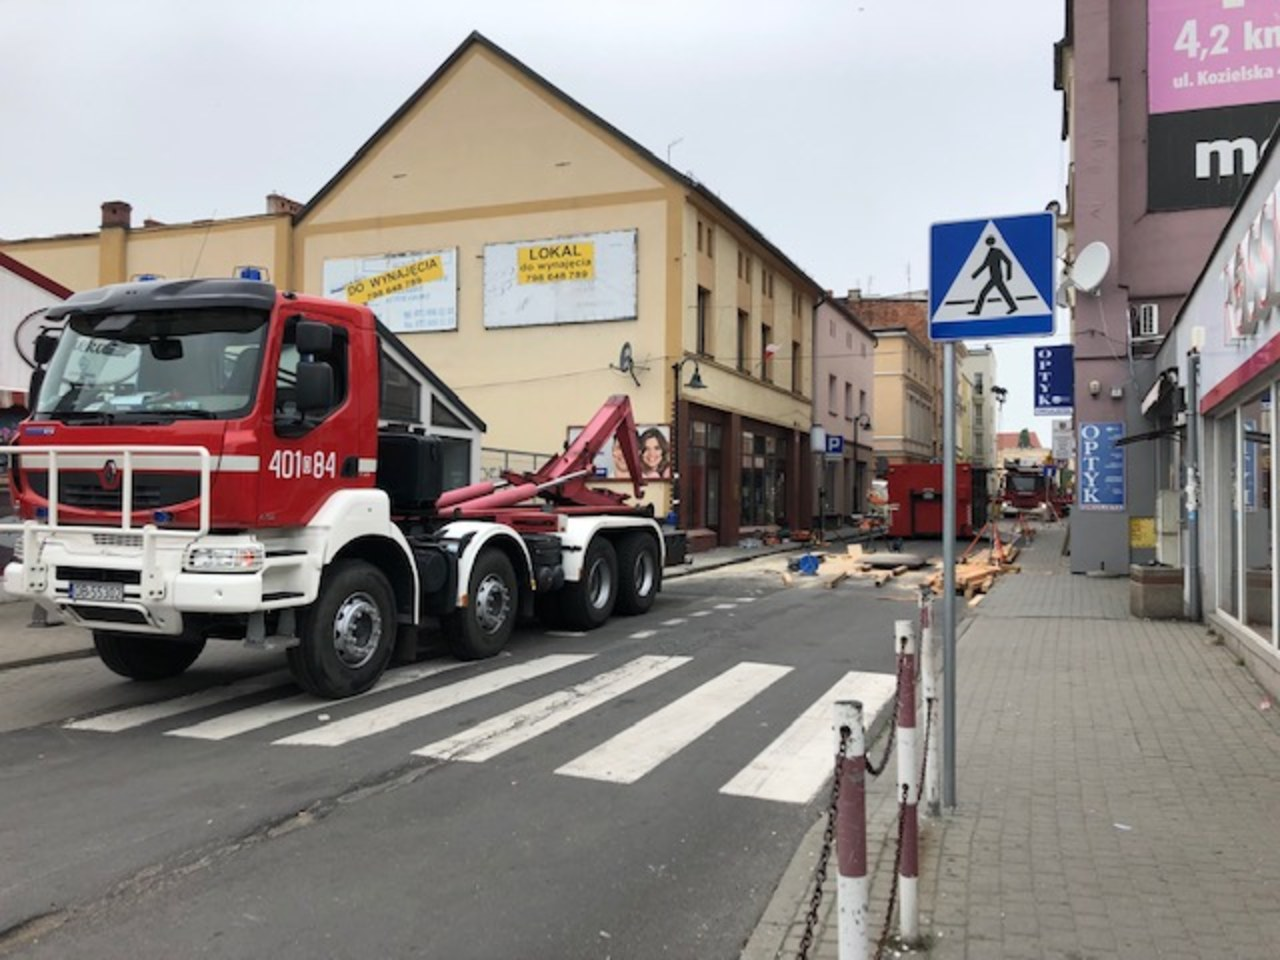 Po wybuchu w kamienicy w Kędzierzynie-Koźlu: Pod gruzami nikogo nie znaleziono